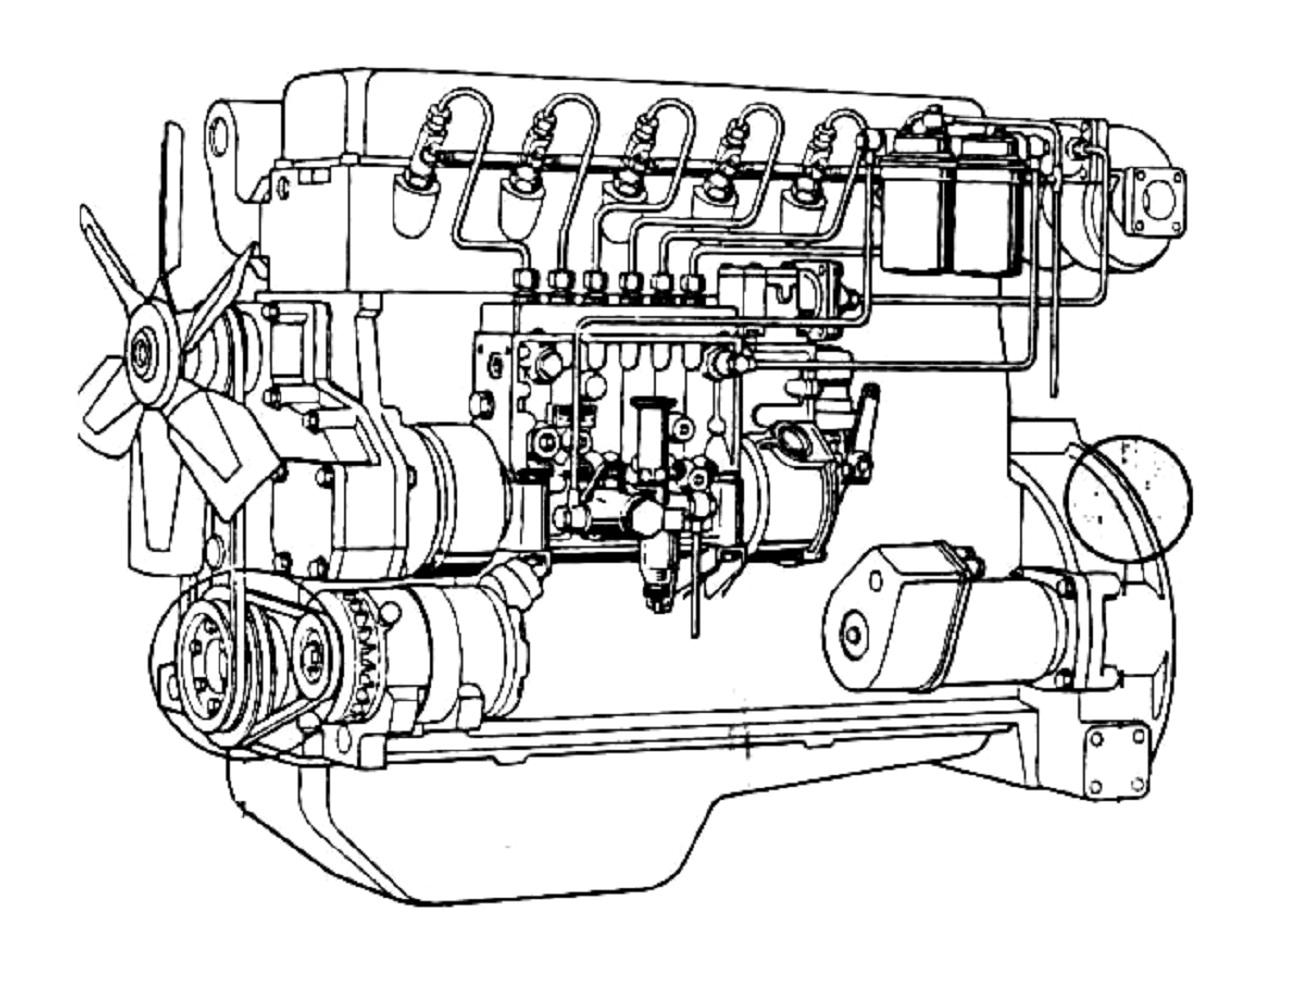 Sửa chữa động cơ ô tô - Kiến thức không thể bỏ qua